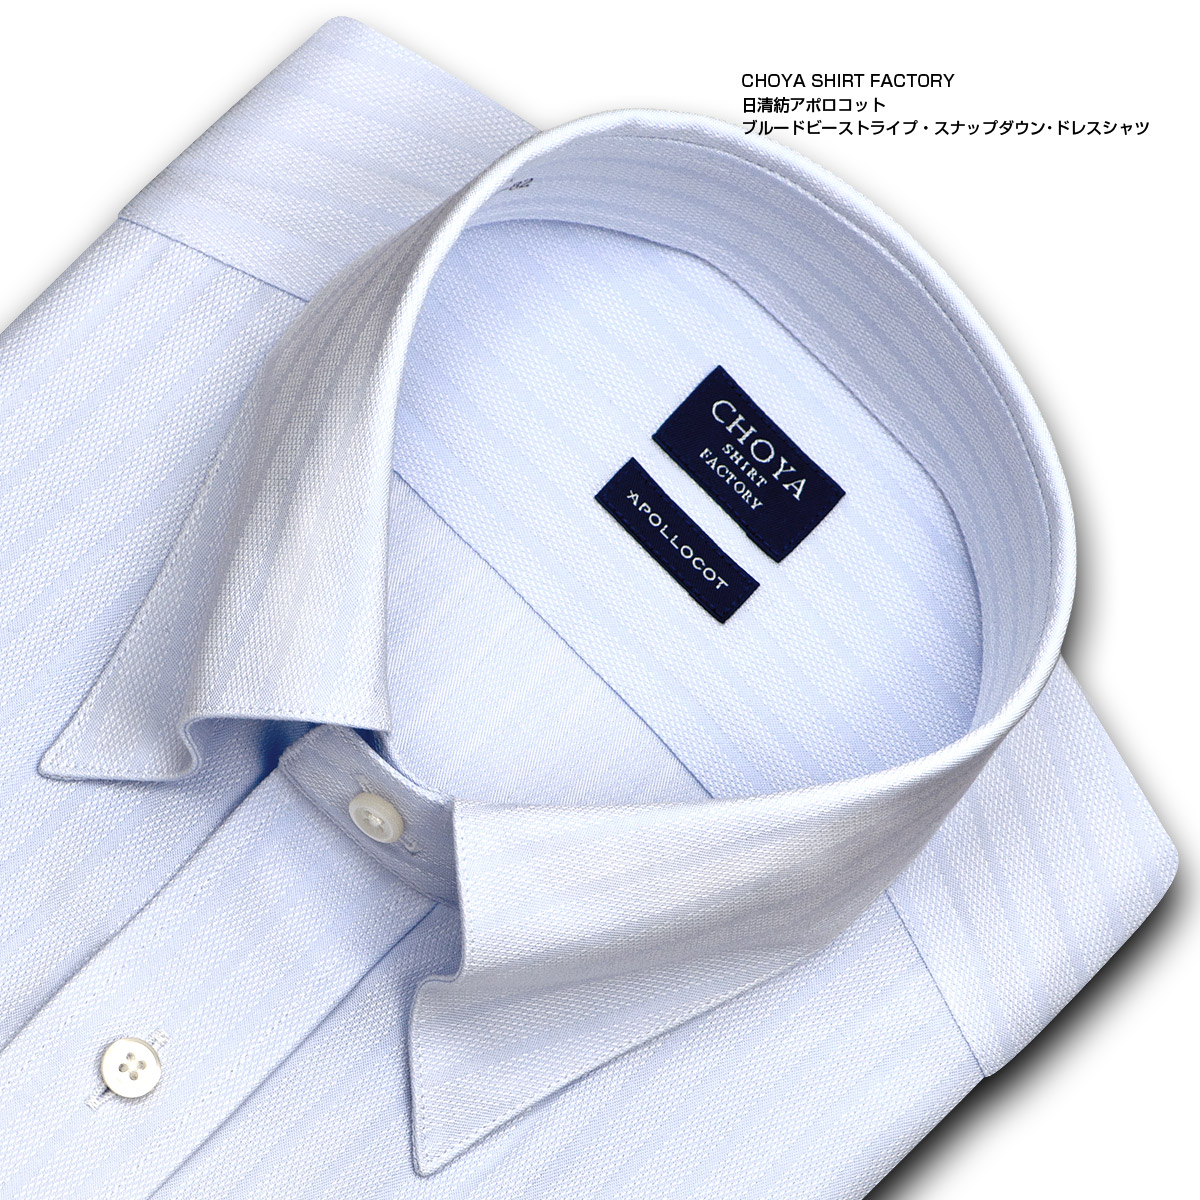 CHOYA SHIRT FACTORY 日清紡アポロコット COOL CONSCIOUS 長袖 ワイシャツ メンズ 春夏秋 形態安定加工 ブルードビーストライプ スナップダウンシャツ | 綿:100% ホワイト 高級 上質 (cfd532-250)